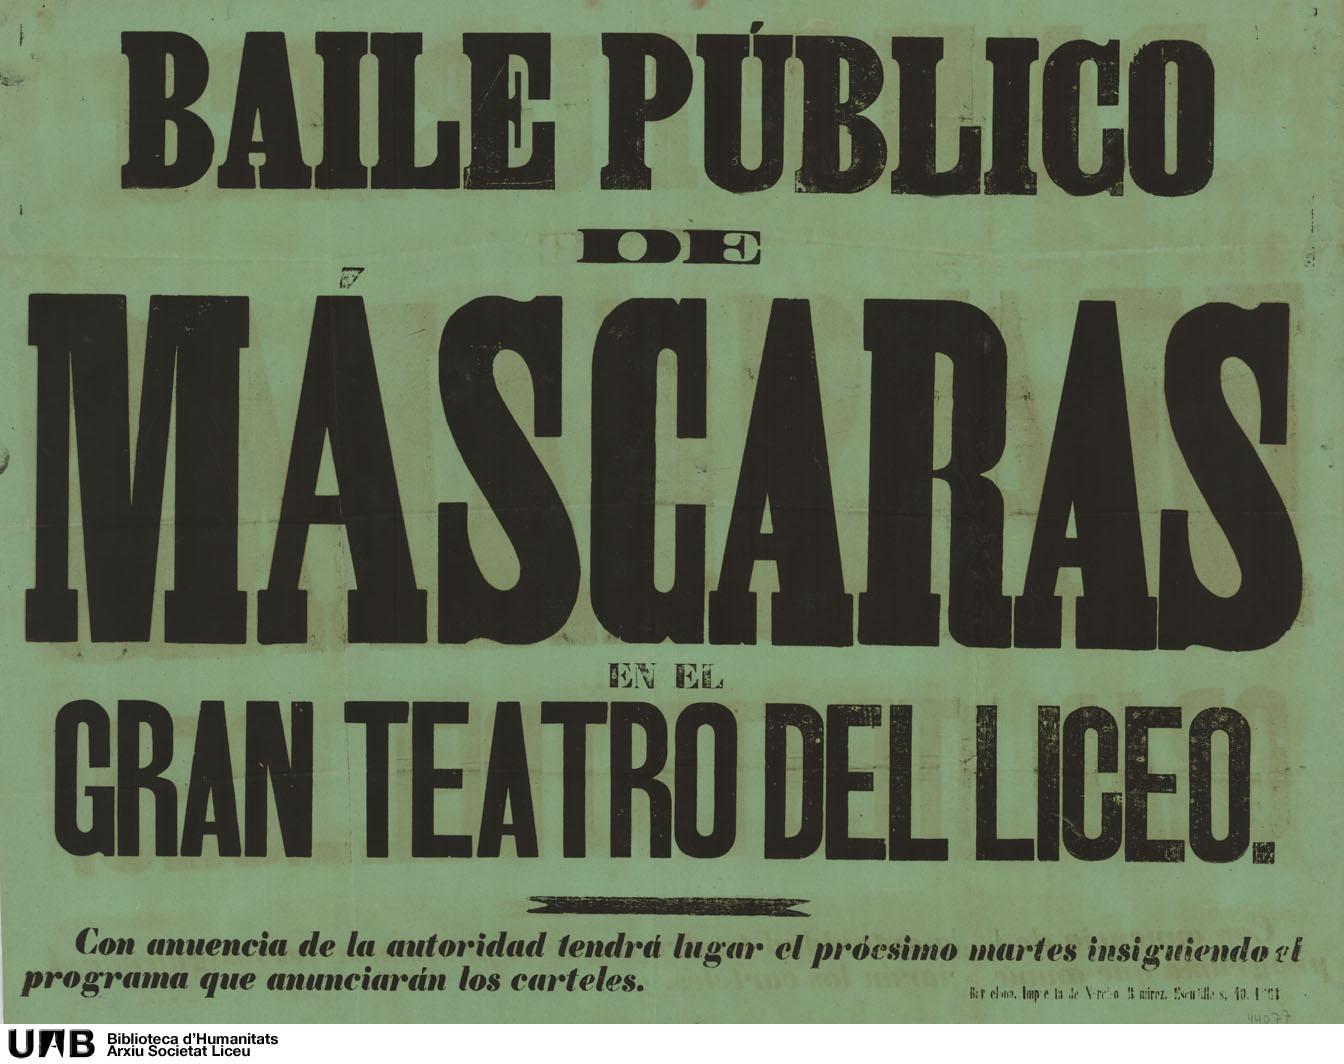 Baile público de máscaras en el Gran Teatro del Liceo. Con anuencia de la autoridad tendrá lugar el prócsimo (sic) martes insiguiendo (sic) el programa que anunciarán los carteles